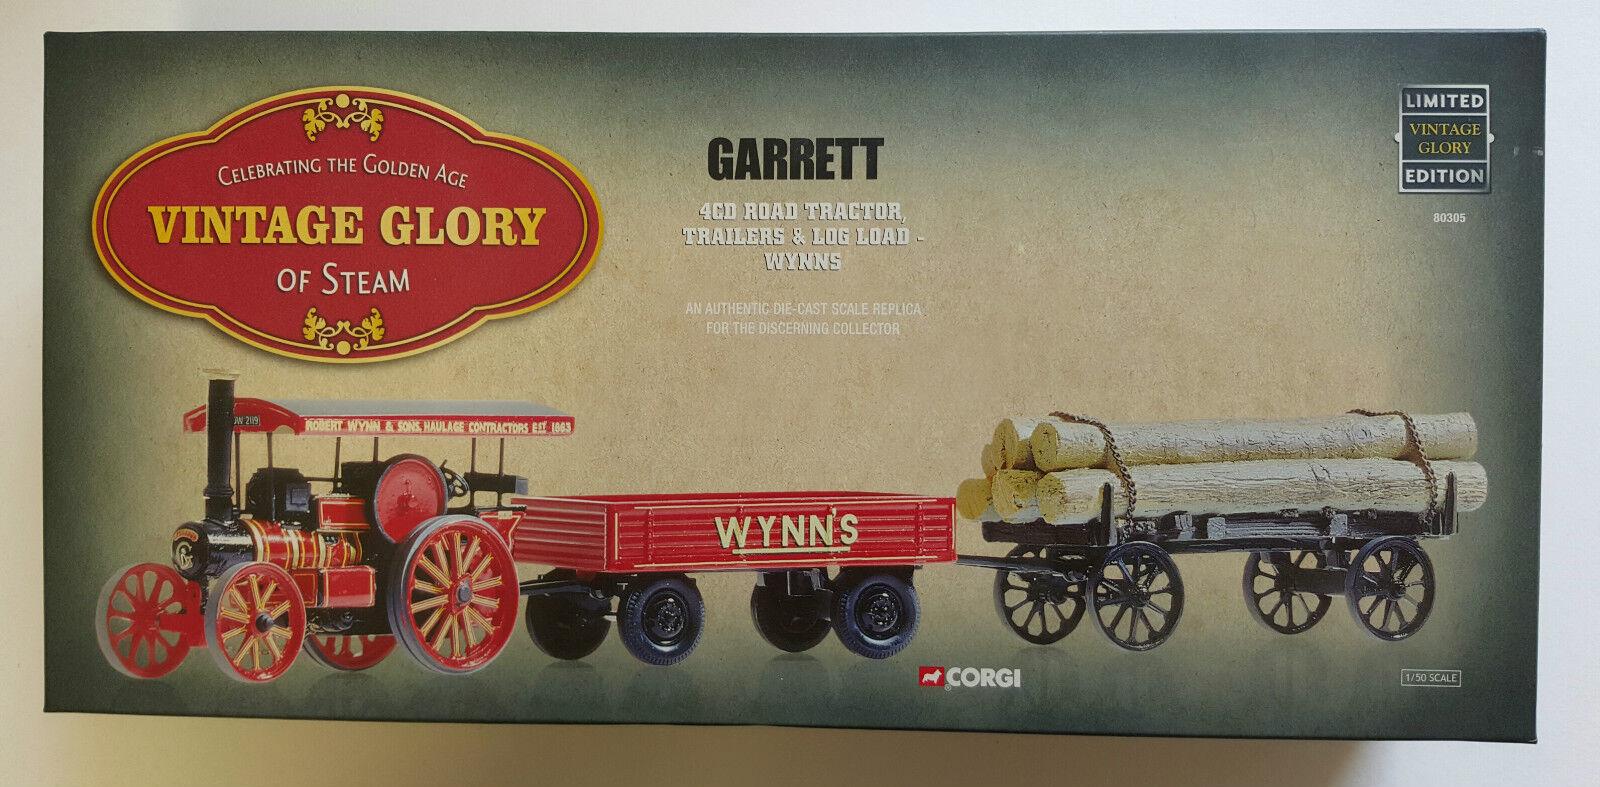 Corgi Vintage Glory Garrett 4CD Road Tractor, Trailers & Log Load Wynns 80305